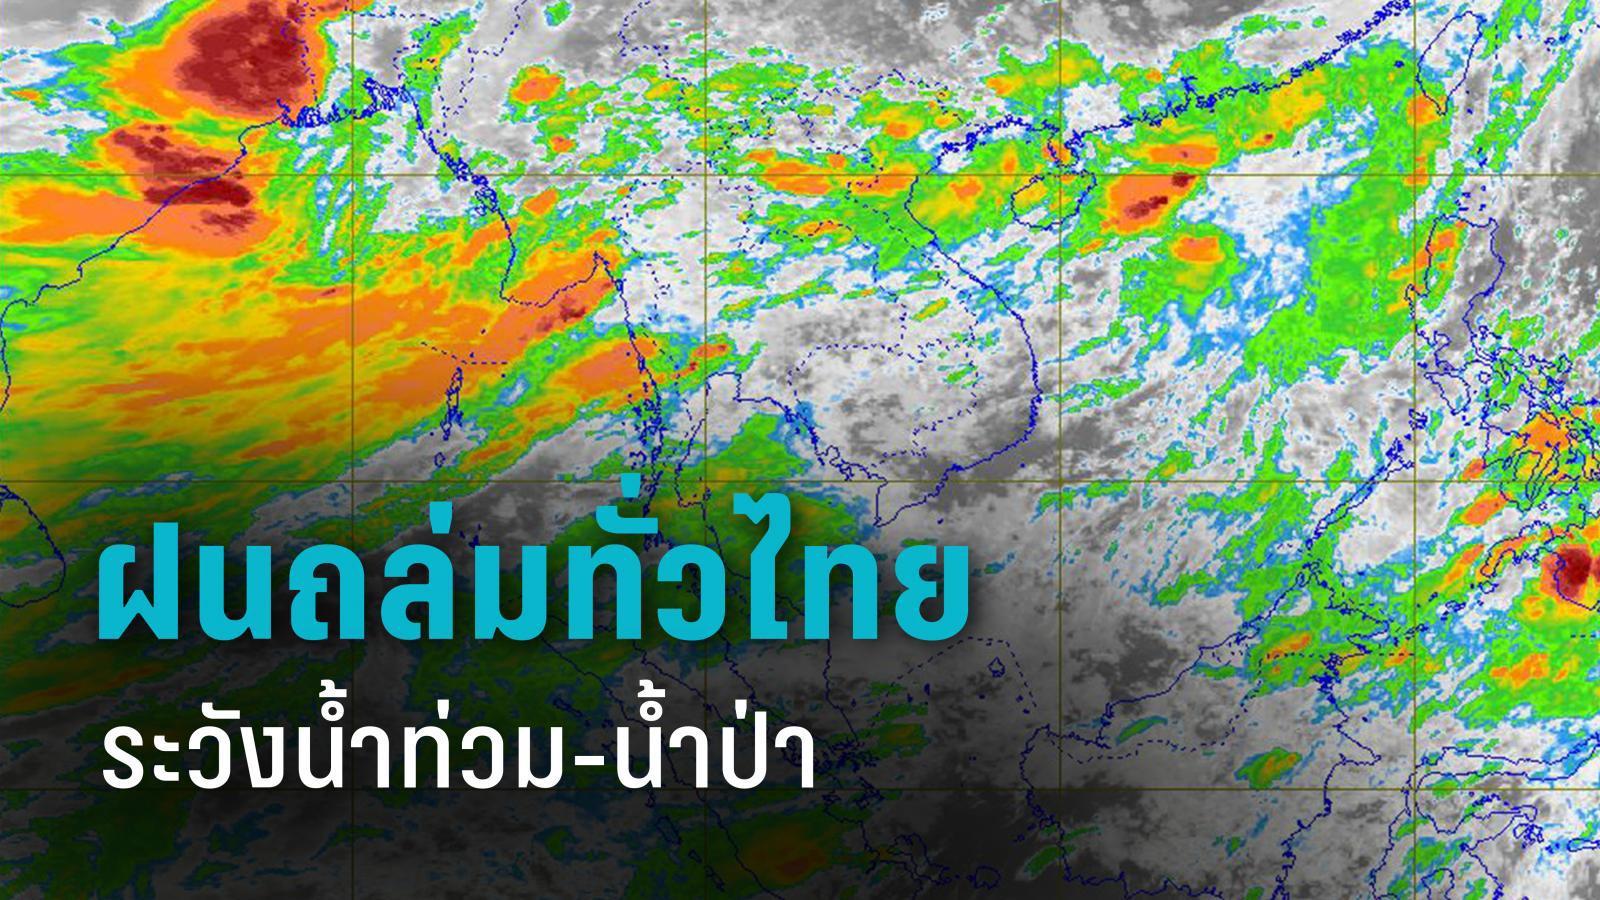 กรมอุตุฯ เตือน ฝนถล่มทั่วไทย ระวังท่วมฉับพลัน-น้ำป่า คลื่นสูง 4 เมตร